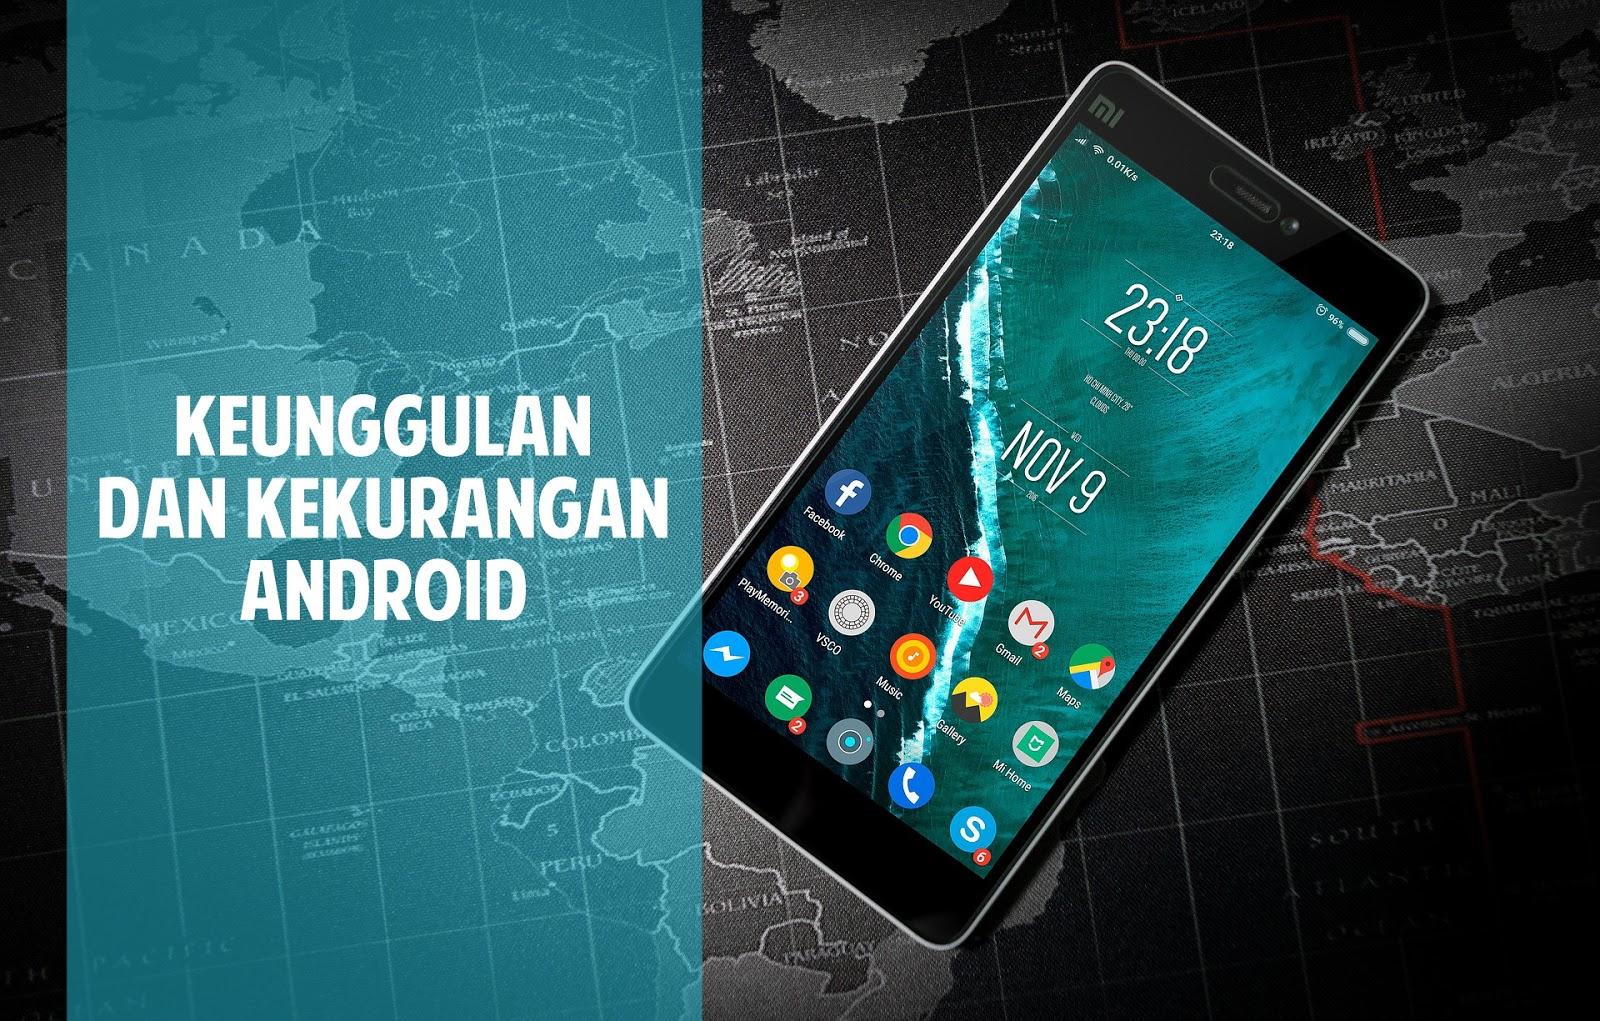 Kelebihan dan Kekurangan Android yang Perlu Diketahui Kelebihan dan Kekurangan Android yang Perlu Diketahui